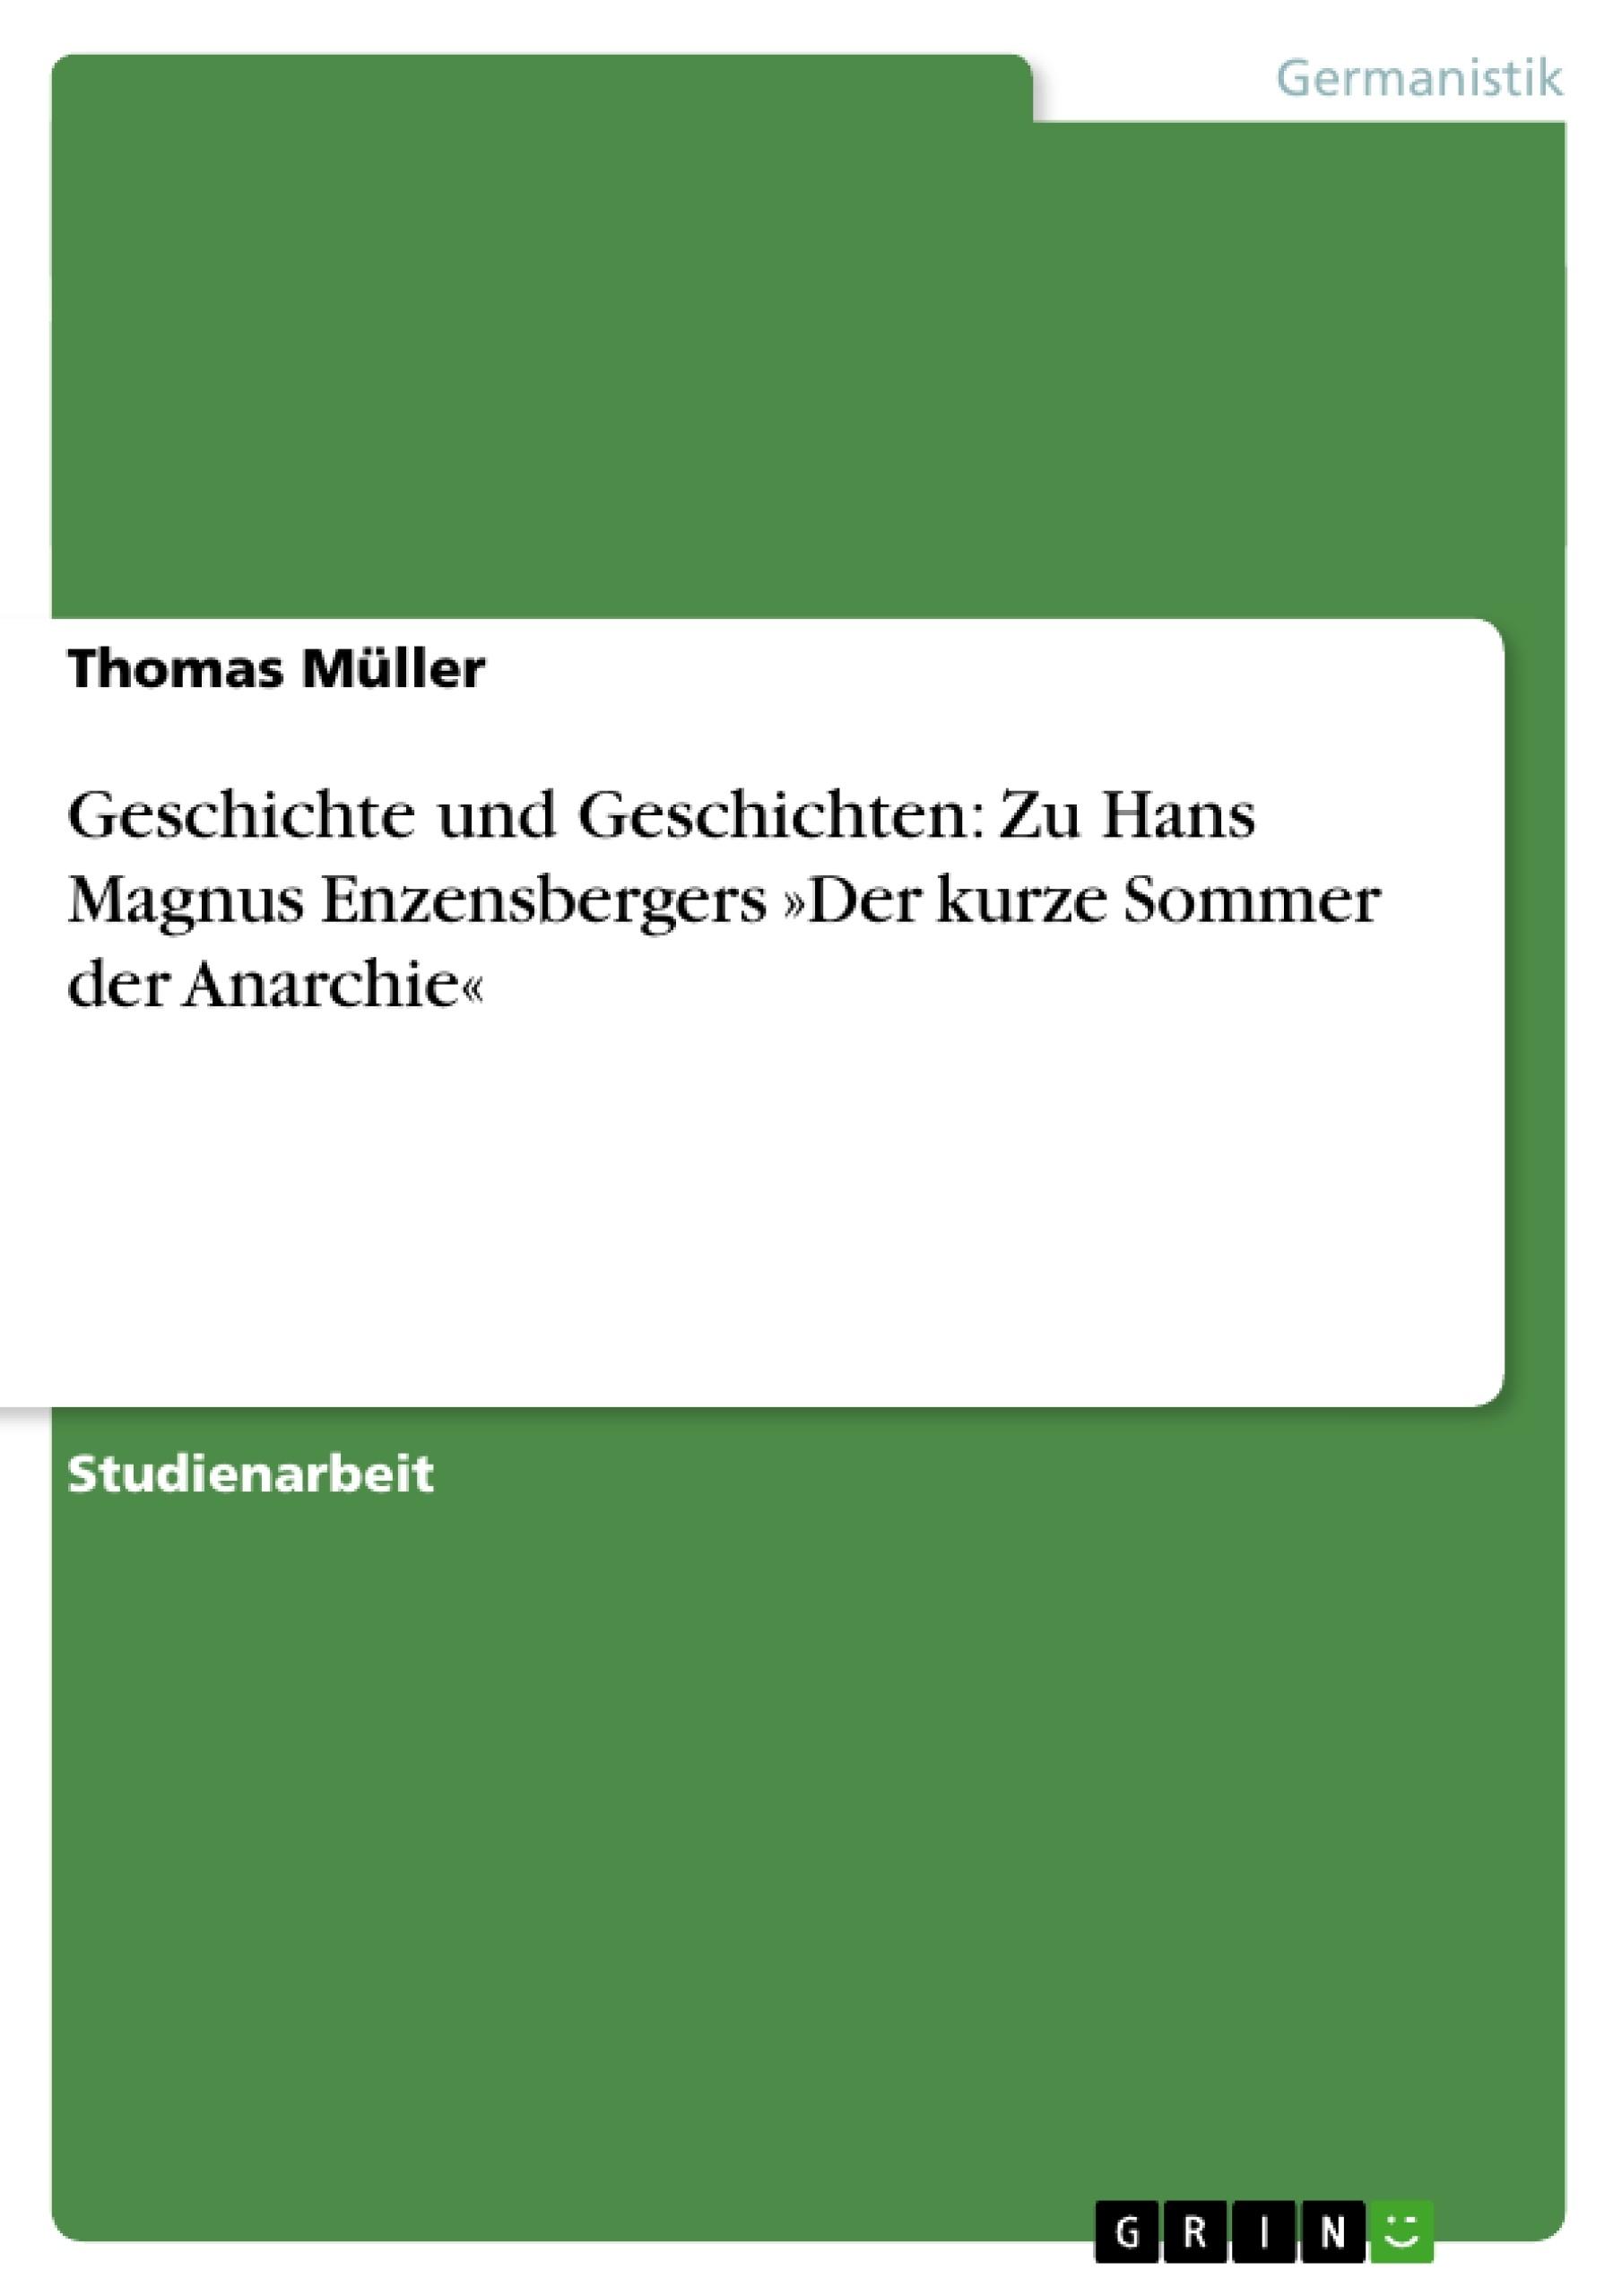 Titel: Geschichte und Geschichten: Zu Hans Magnus Enzensbergers »Der kurze Sommer der Anarchie«